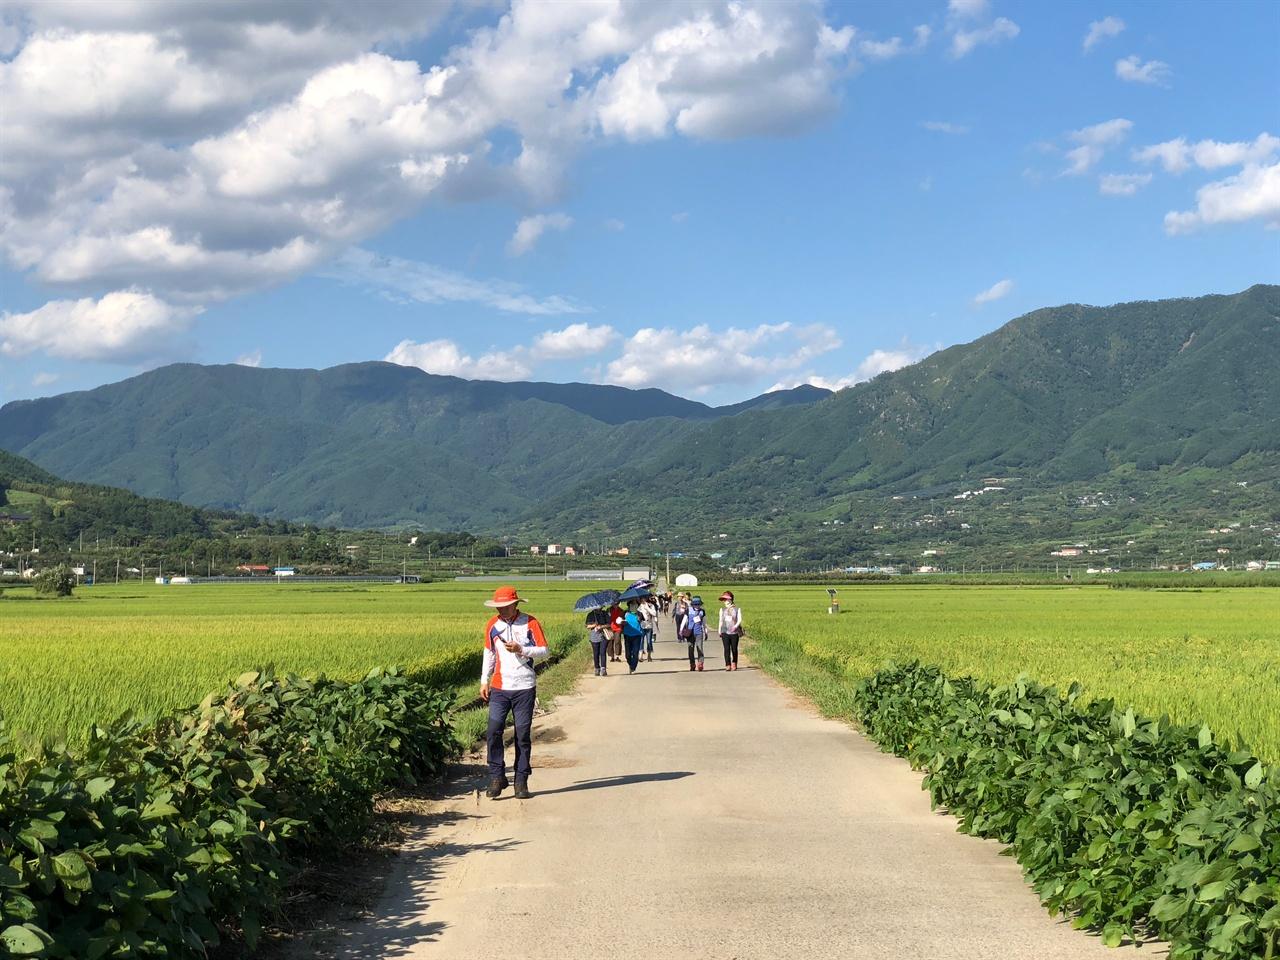 토지길 평사리들판을 가로지르는 토지길을 걷는 남도한바퀴 이용객들